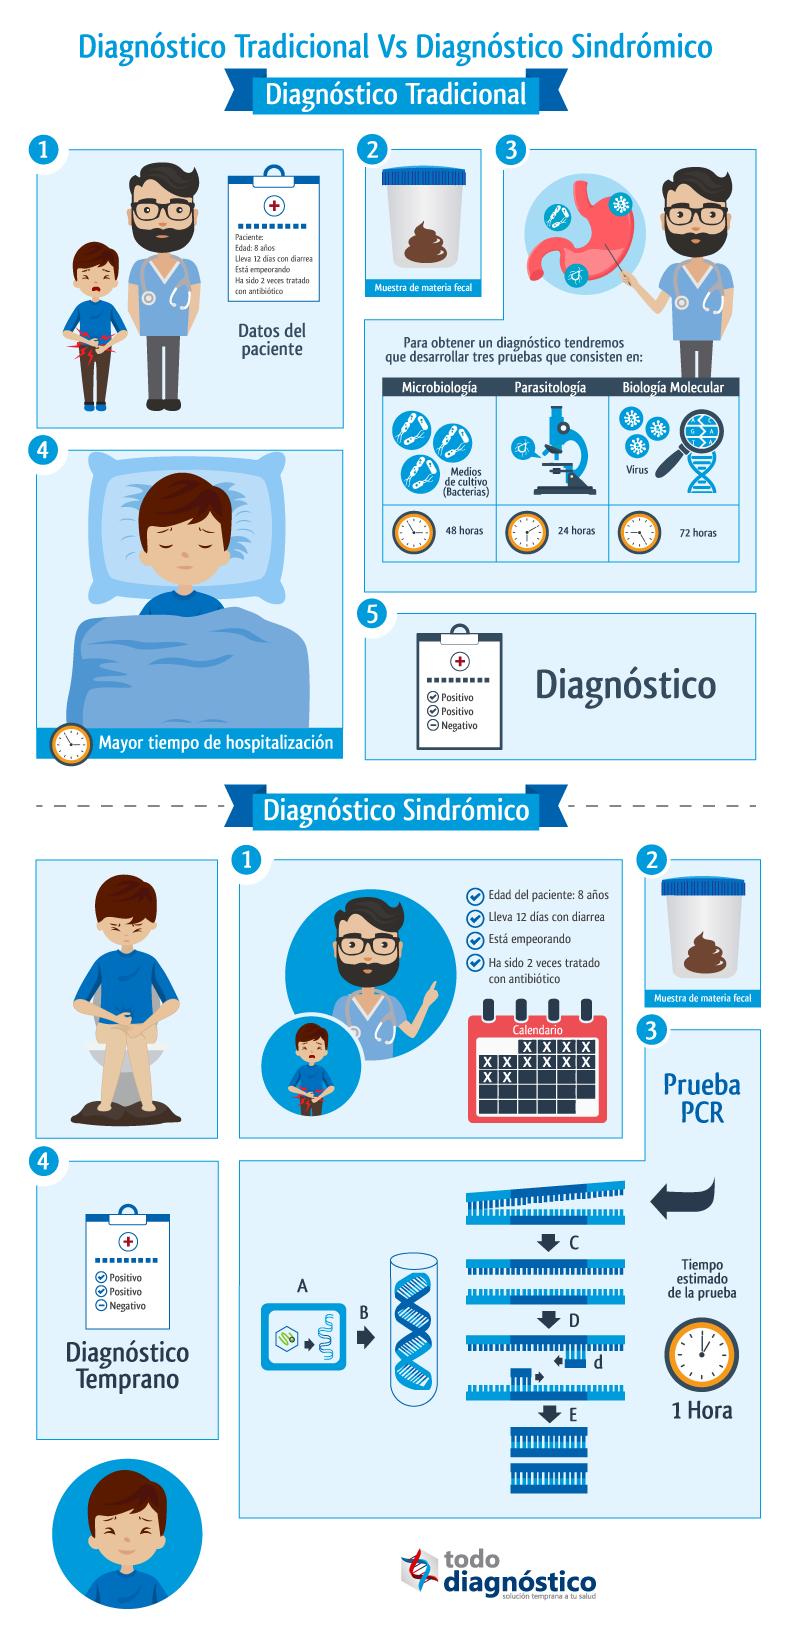 Diferencia entre diagnóstico sindrómico y diagnóstico tradicional